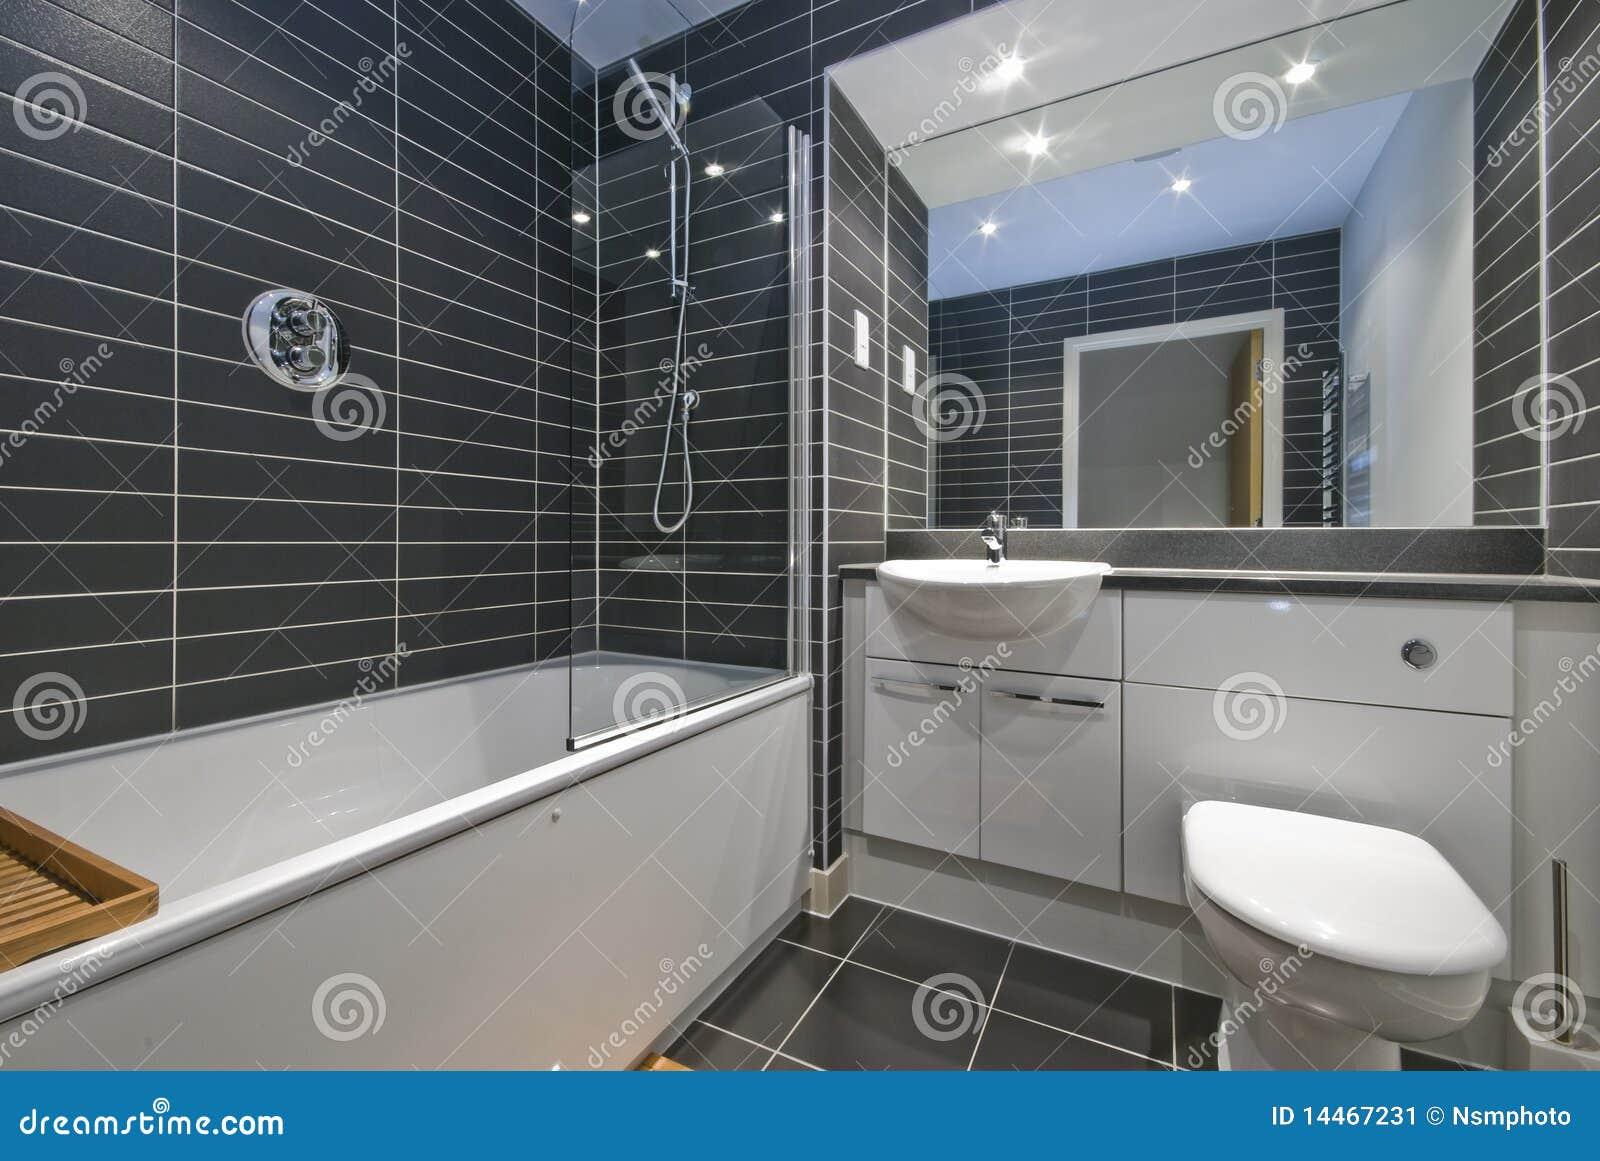 Eigentijdse badkamers met zwarte tegels stock afbeelding afbeelding 14467231 - Mooie eigentijdse badkamer ...